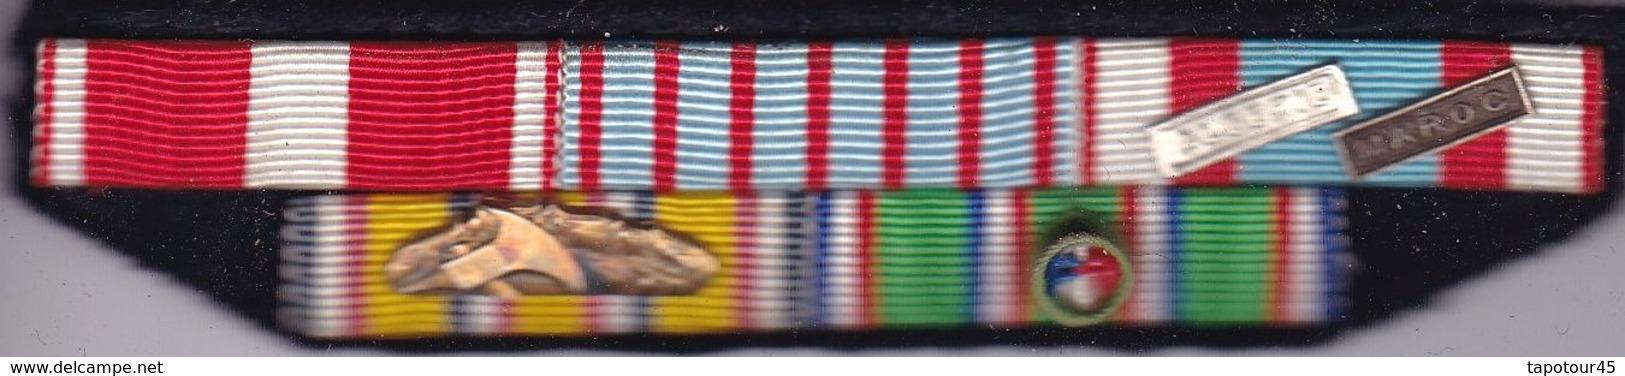 Écusson Tissu Militaire Ou Autre: Barrette (Fmt Largeur 12 Hauteur 2.5) - Ecussons Tissu